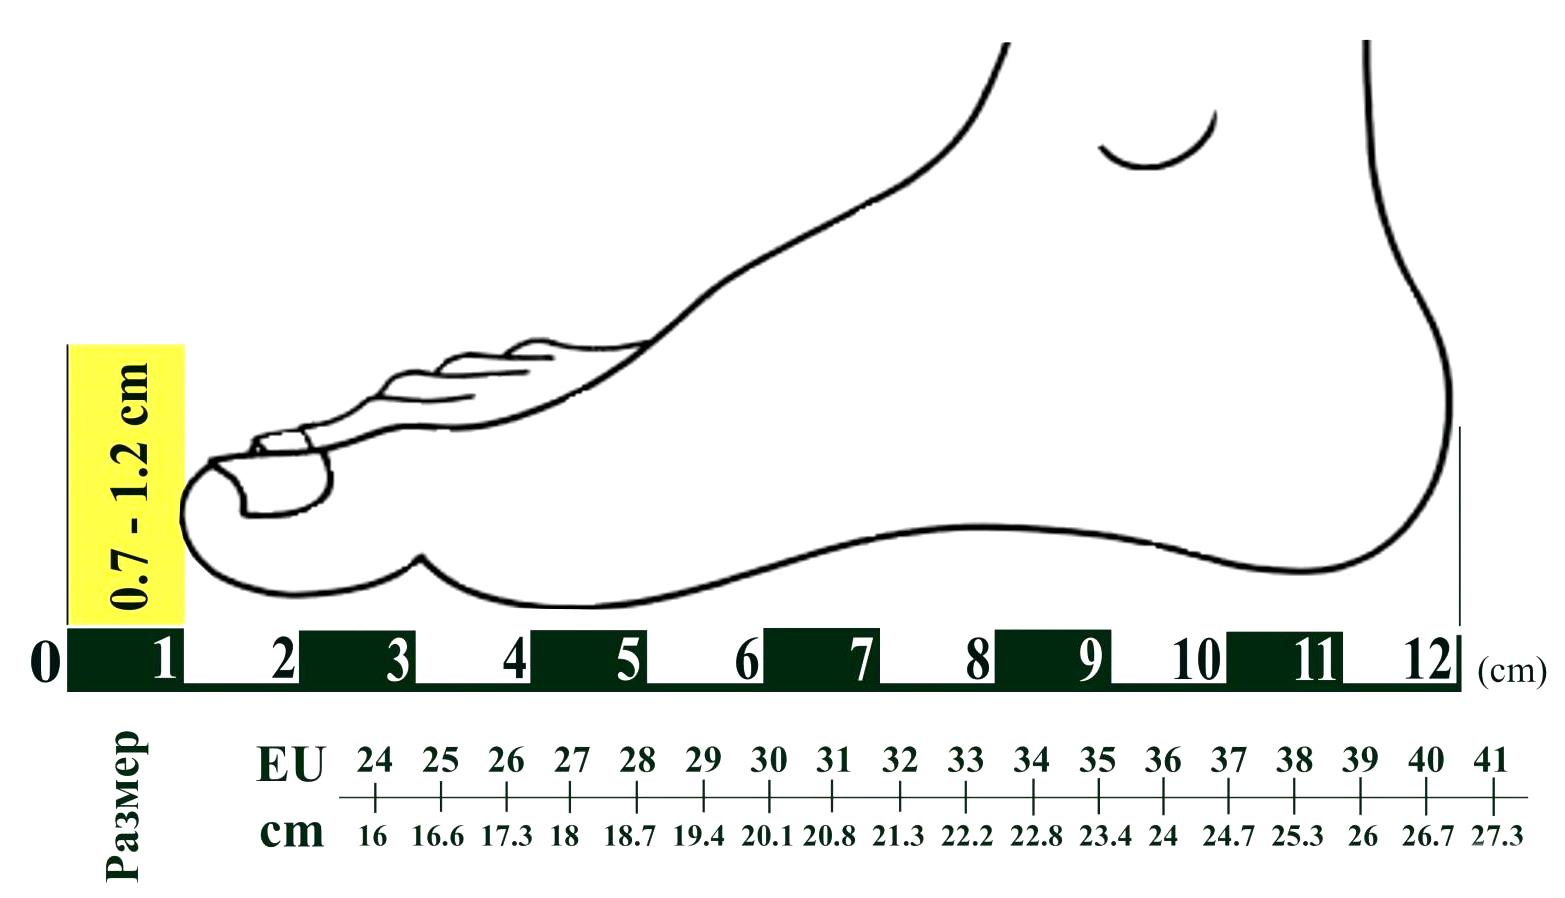 """Купить недорого детские носки для девочек HELLO KITTY от прозводителя Sanrio (Япония): классные, в Сумах (Украина) интернет магазин одежды и нижнего белья """"Элегант"""" коллекция моды детской одежды и нижнего белья сезона 2014 (смотреть онлайн бесплатно фото)"""